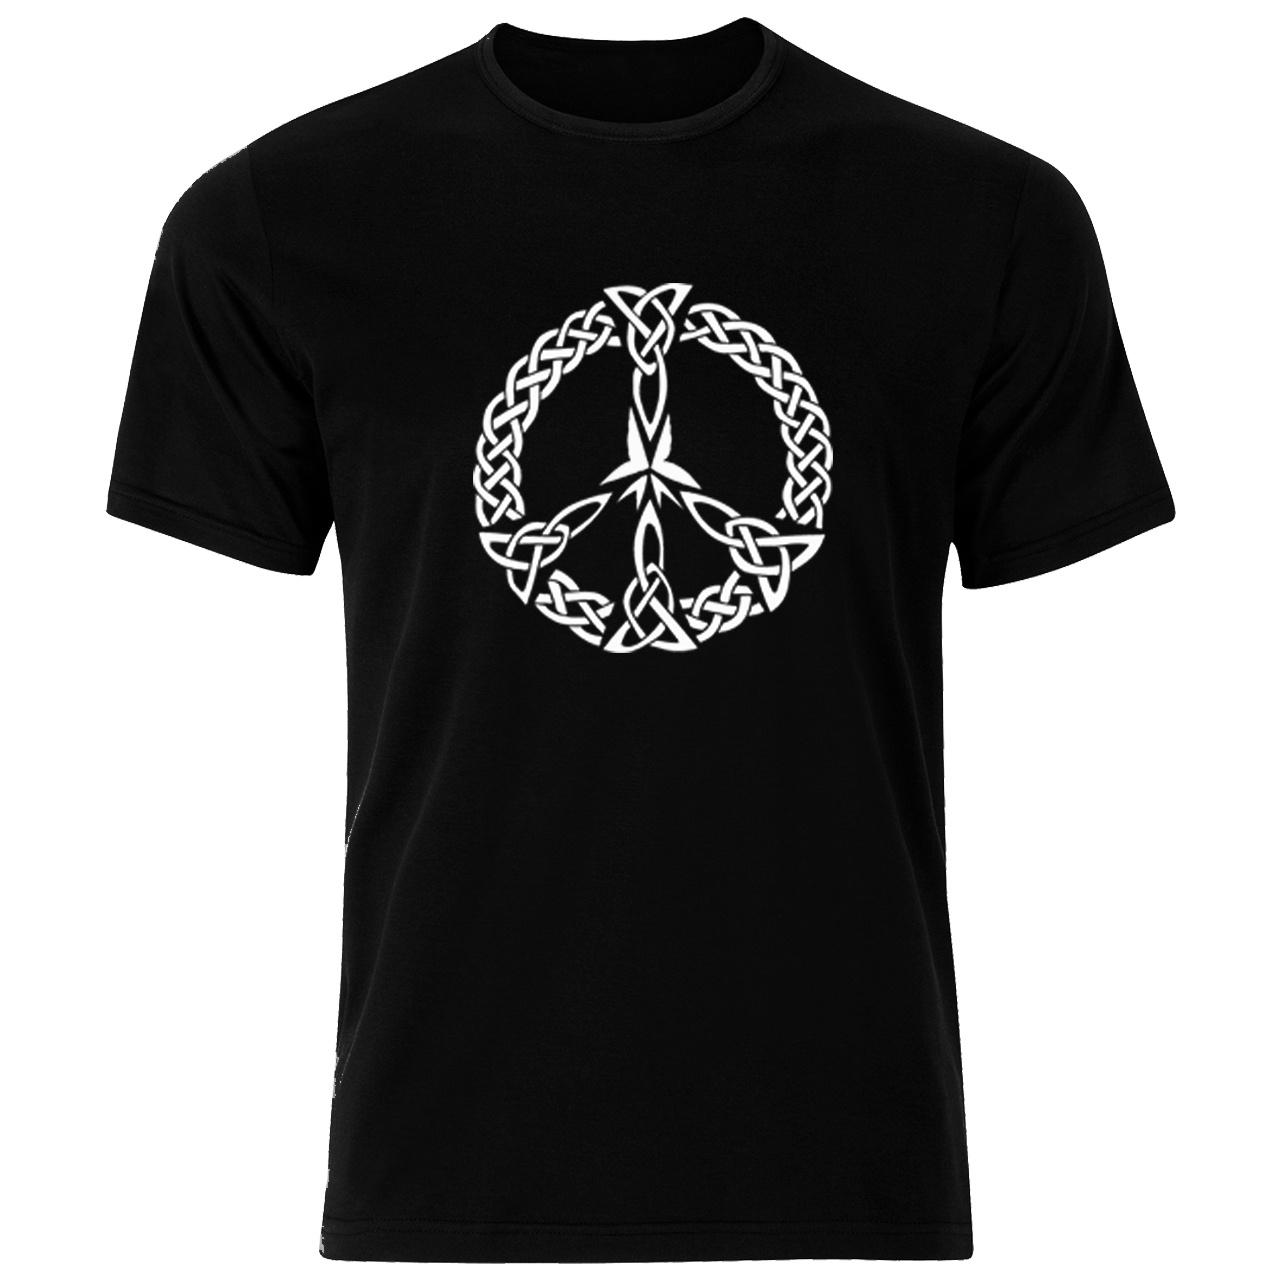 تی شرت مردانه نخی فلوریزا  طرح آزادی و فریدام کد 001 free تیشرت